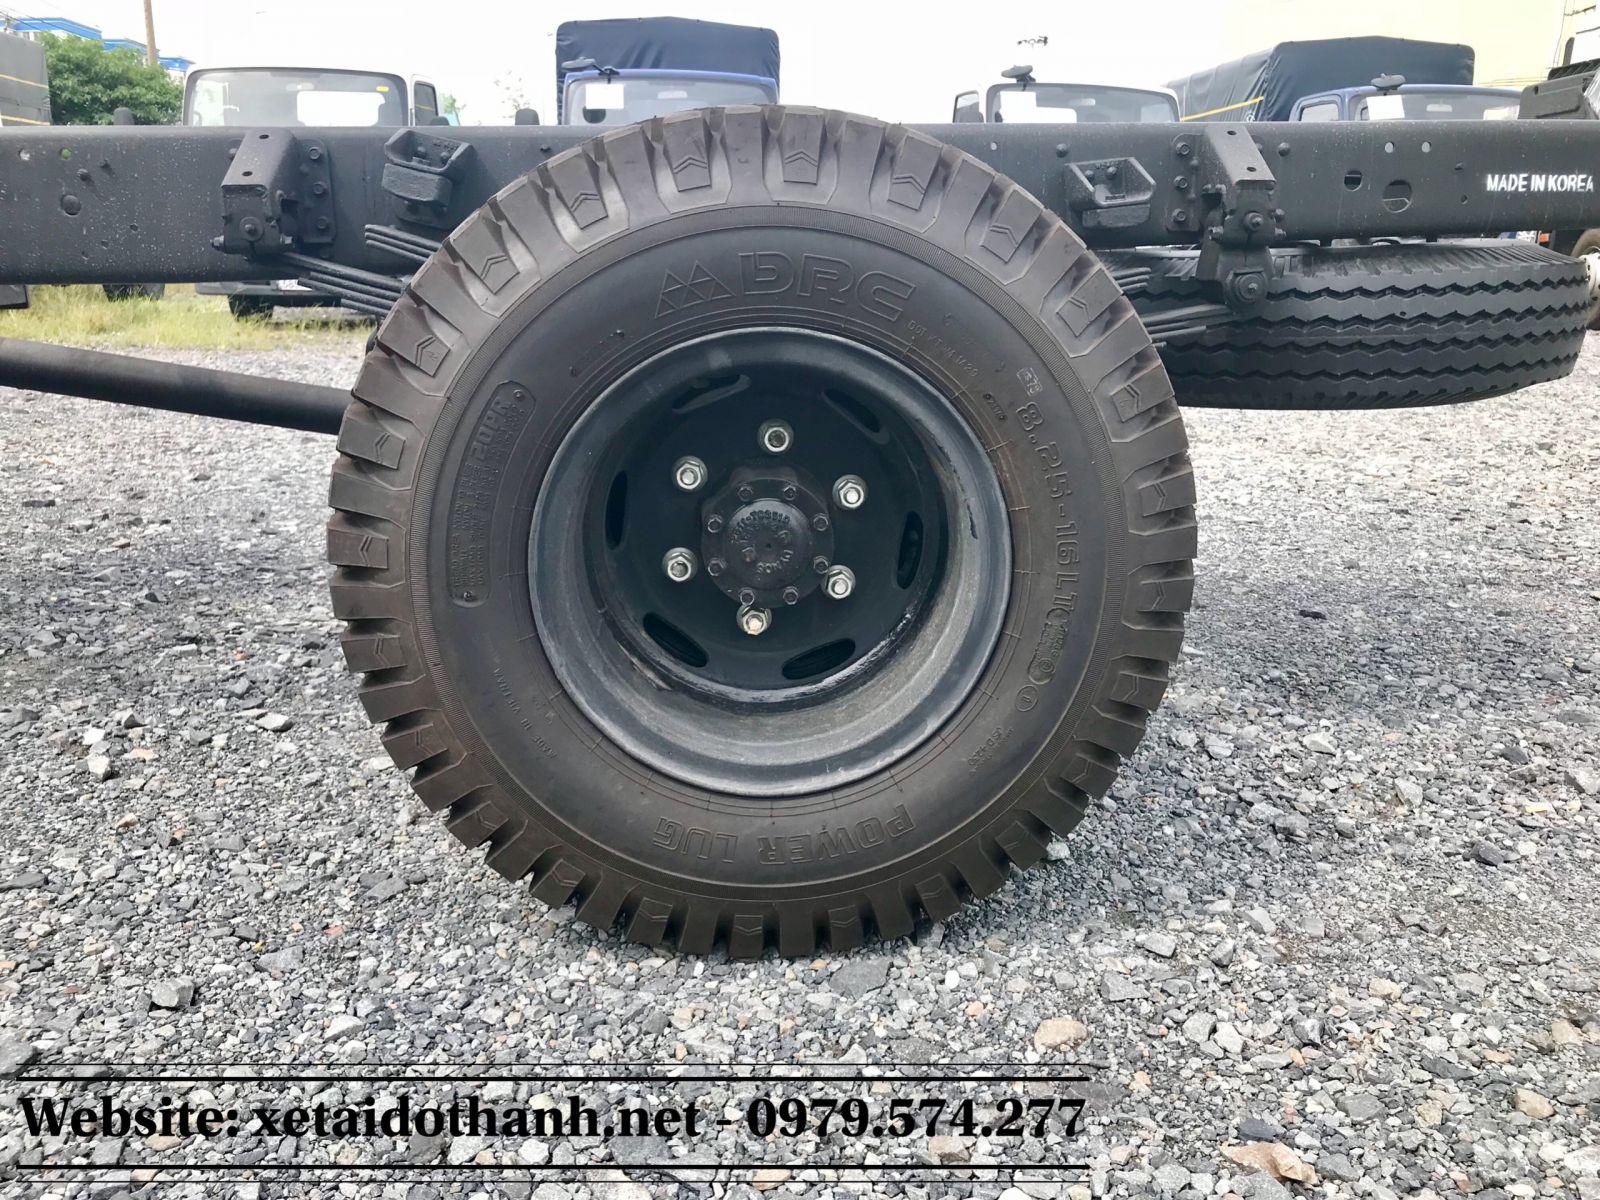 Lop Hyundai 8 tan